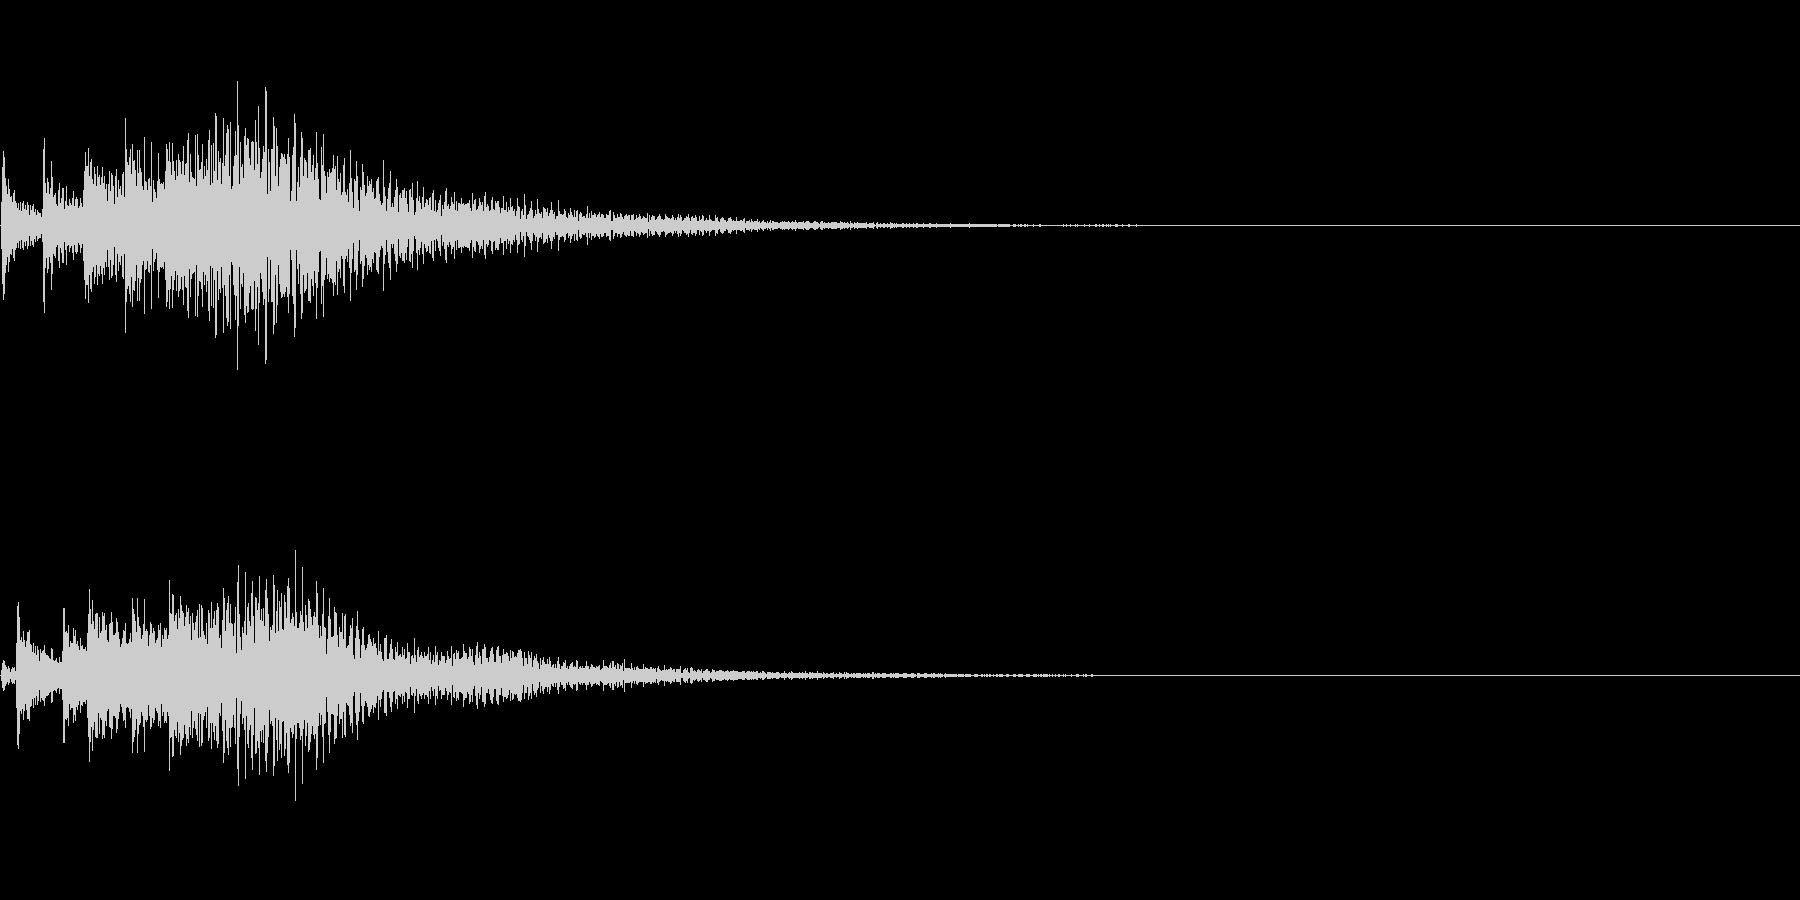 システム音30の未再生の波形